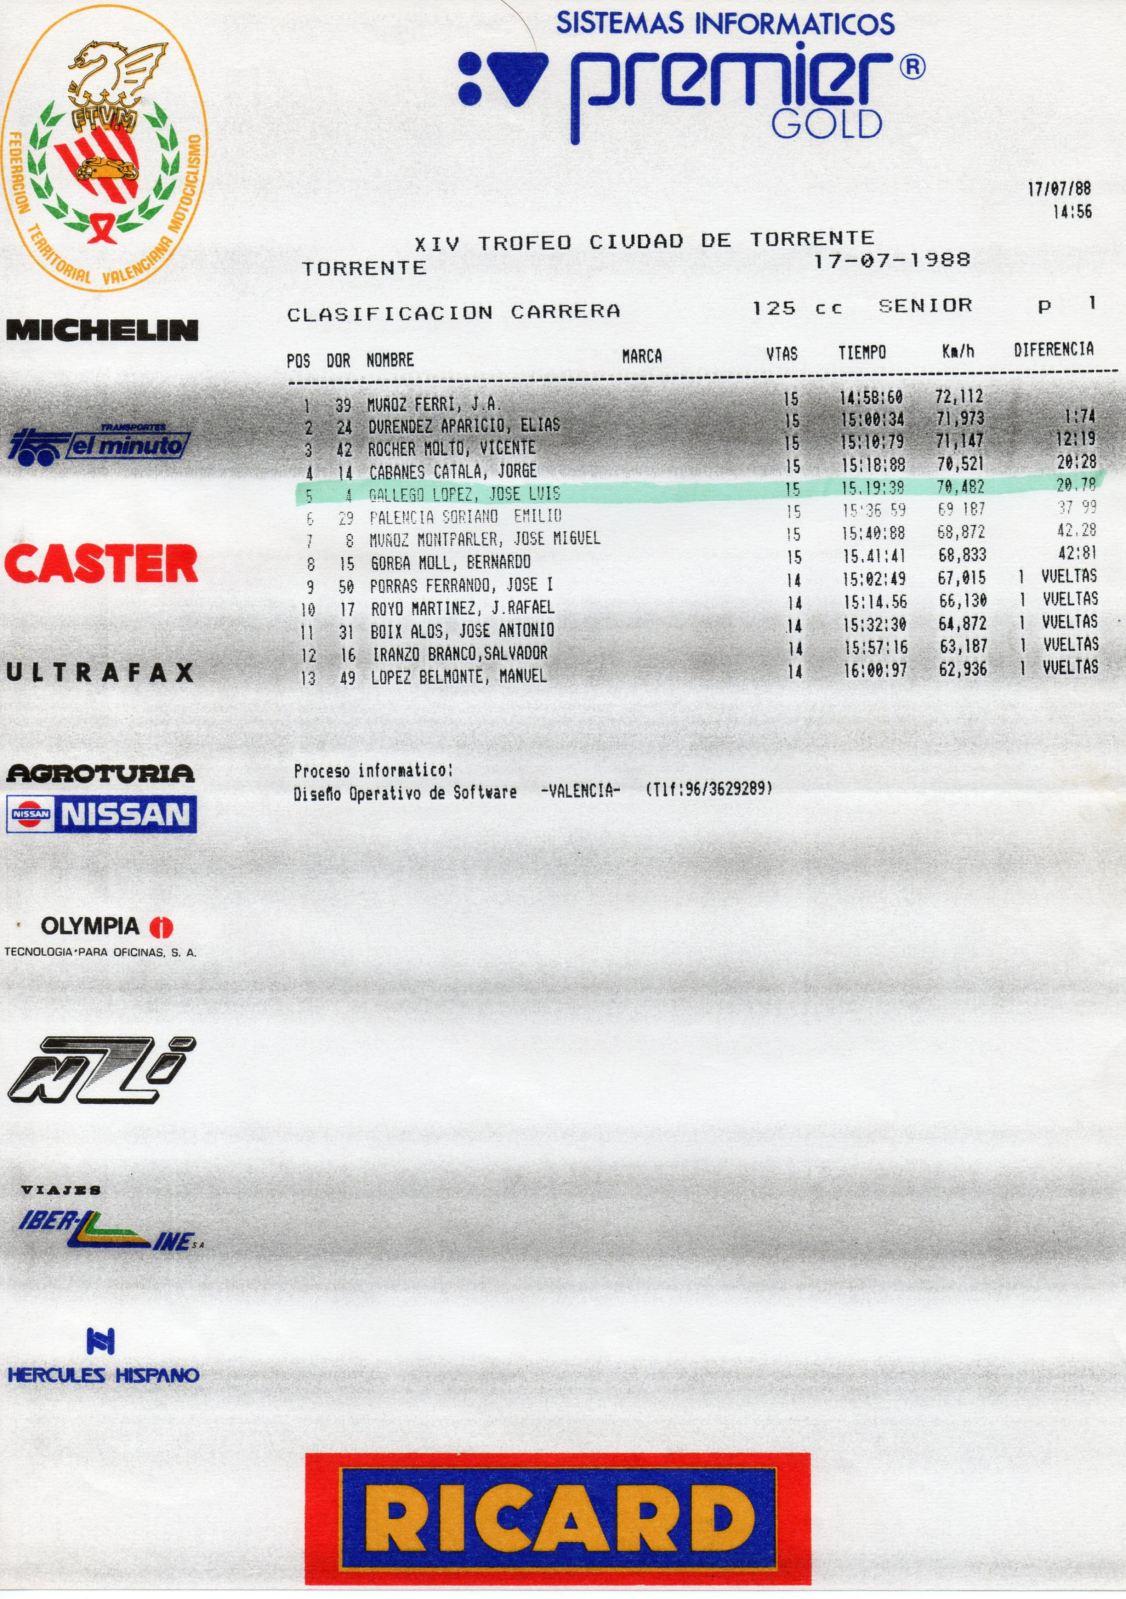 gilera - Antiguos pilotos: José Luis Gallego (V) 2n7p1xu